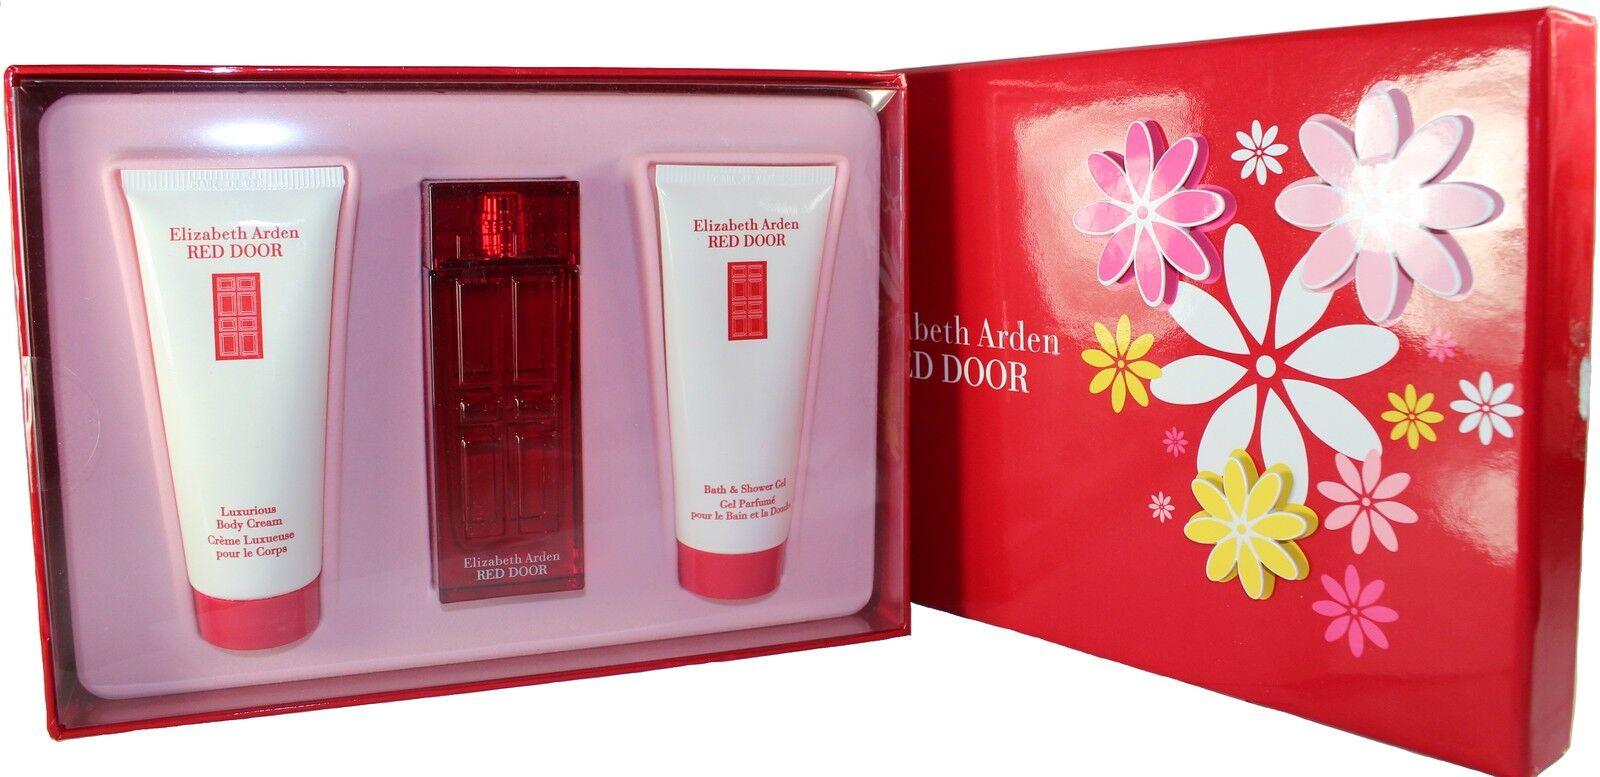 Elizabeth Arden Red Door 3pc Gift Set Ebay